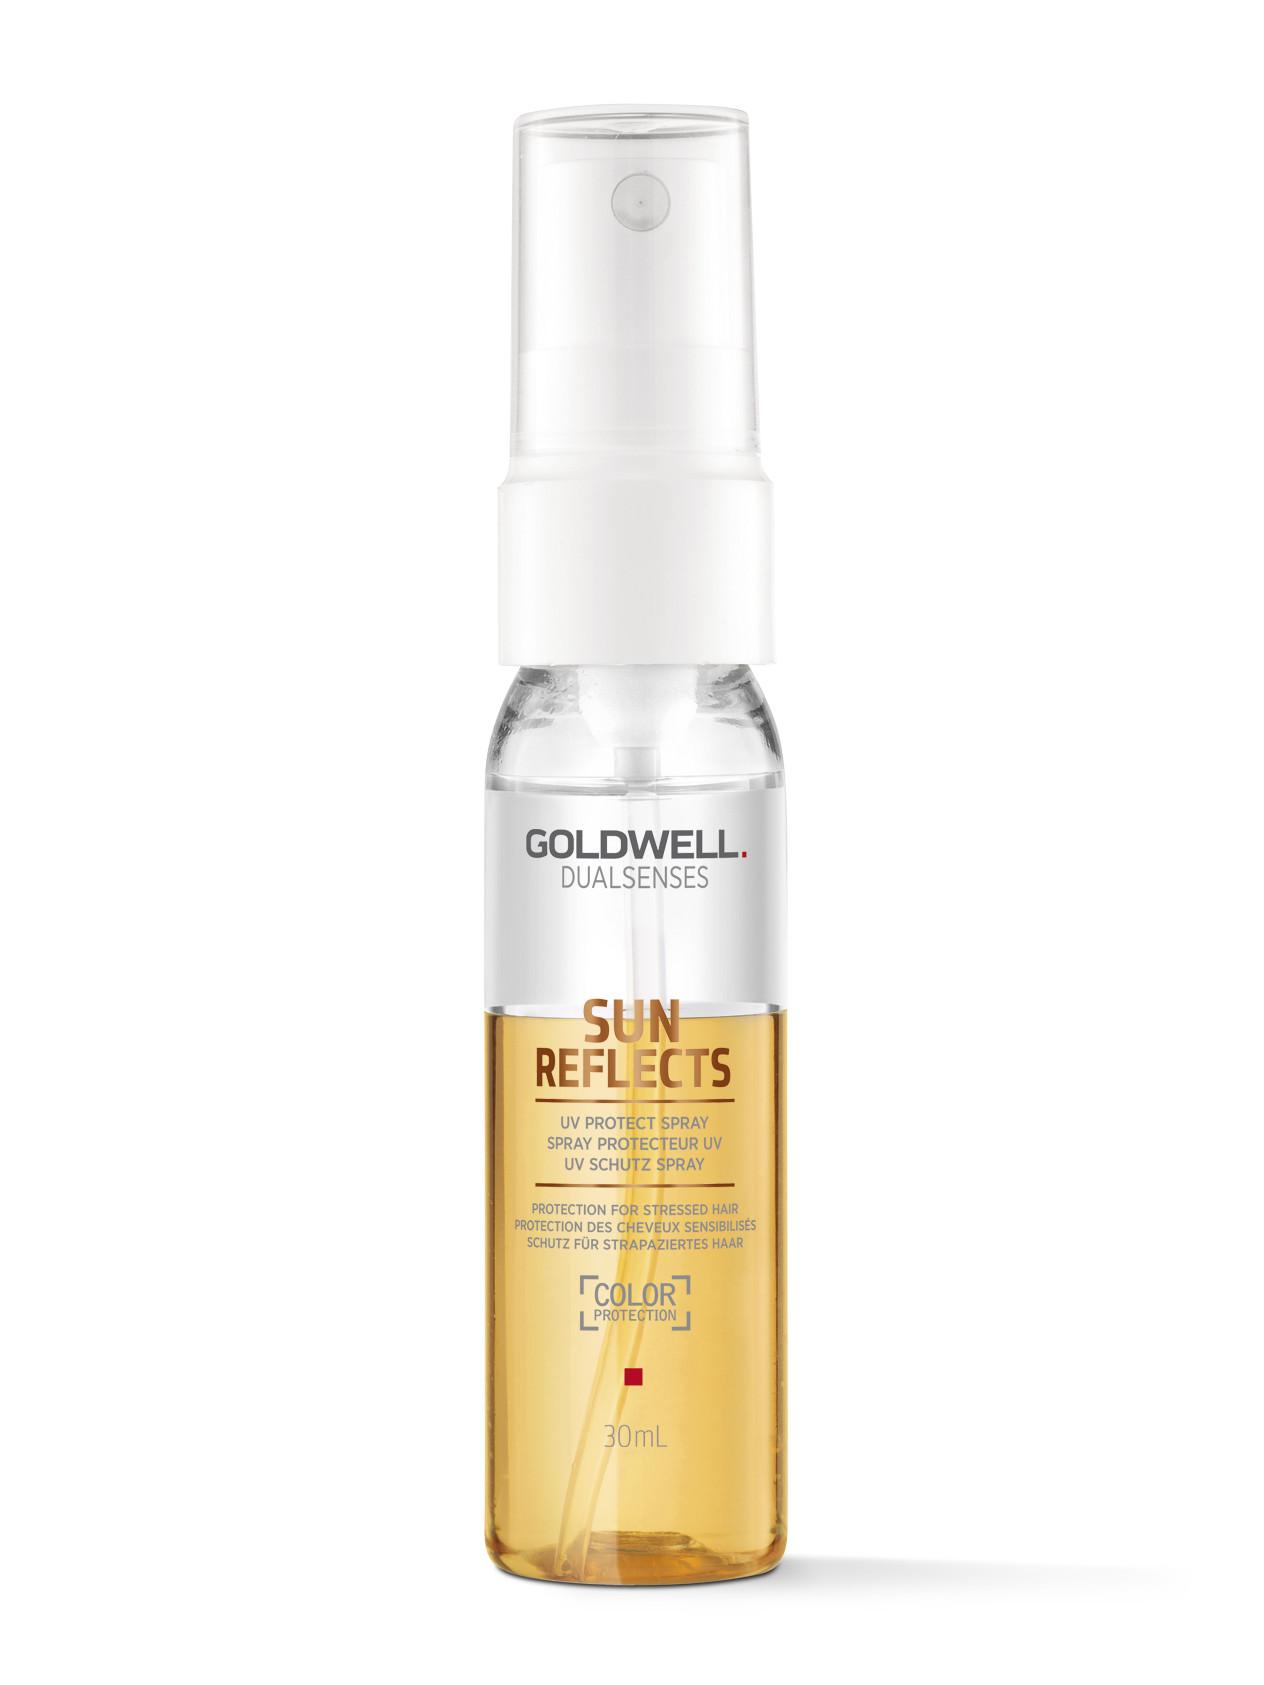 Sprej na vlasy vystavené slunci Goldwell Sun Reflects - 30 ml (206190)